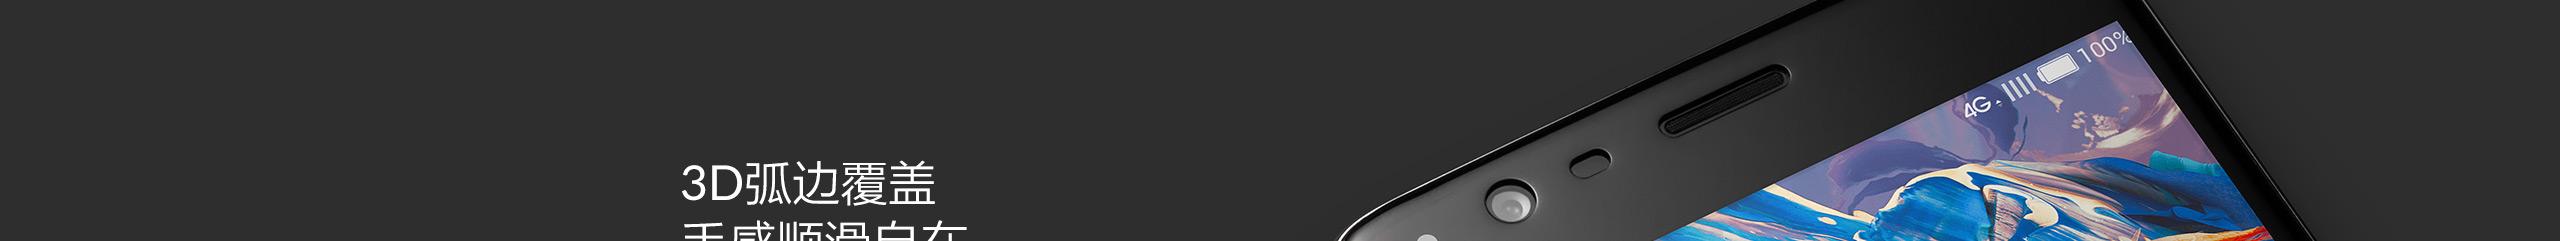 一加手机3钢化3D玻璃保护膜(黑色) 10